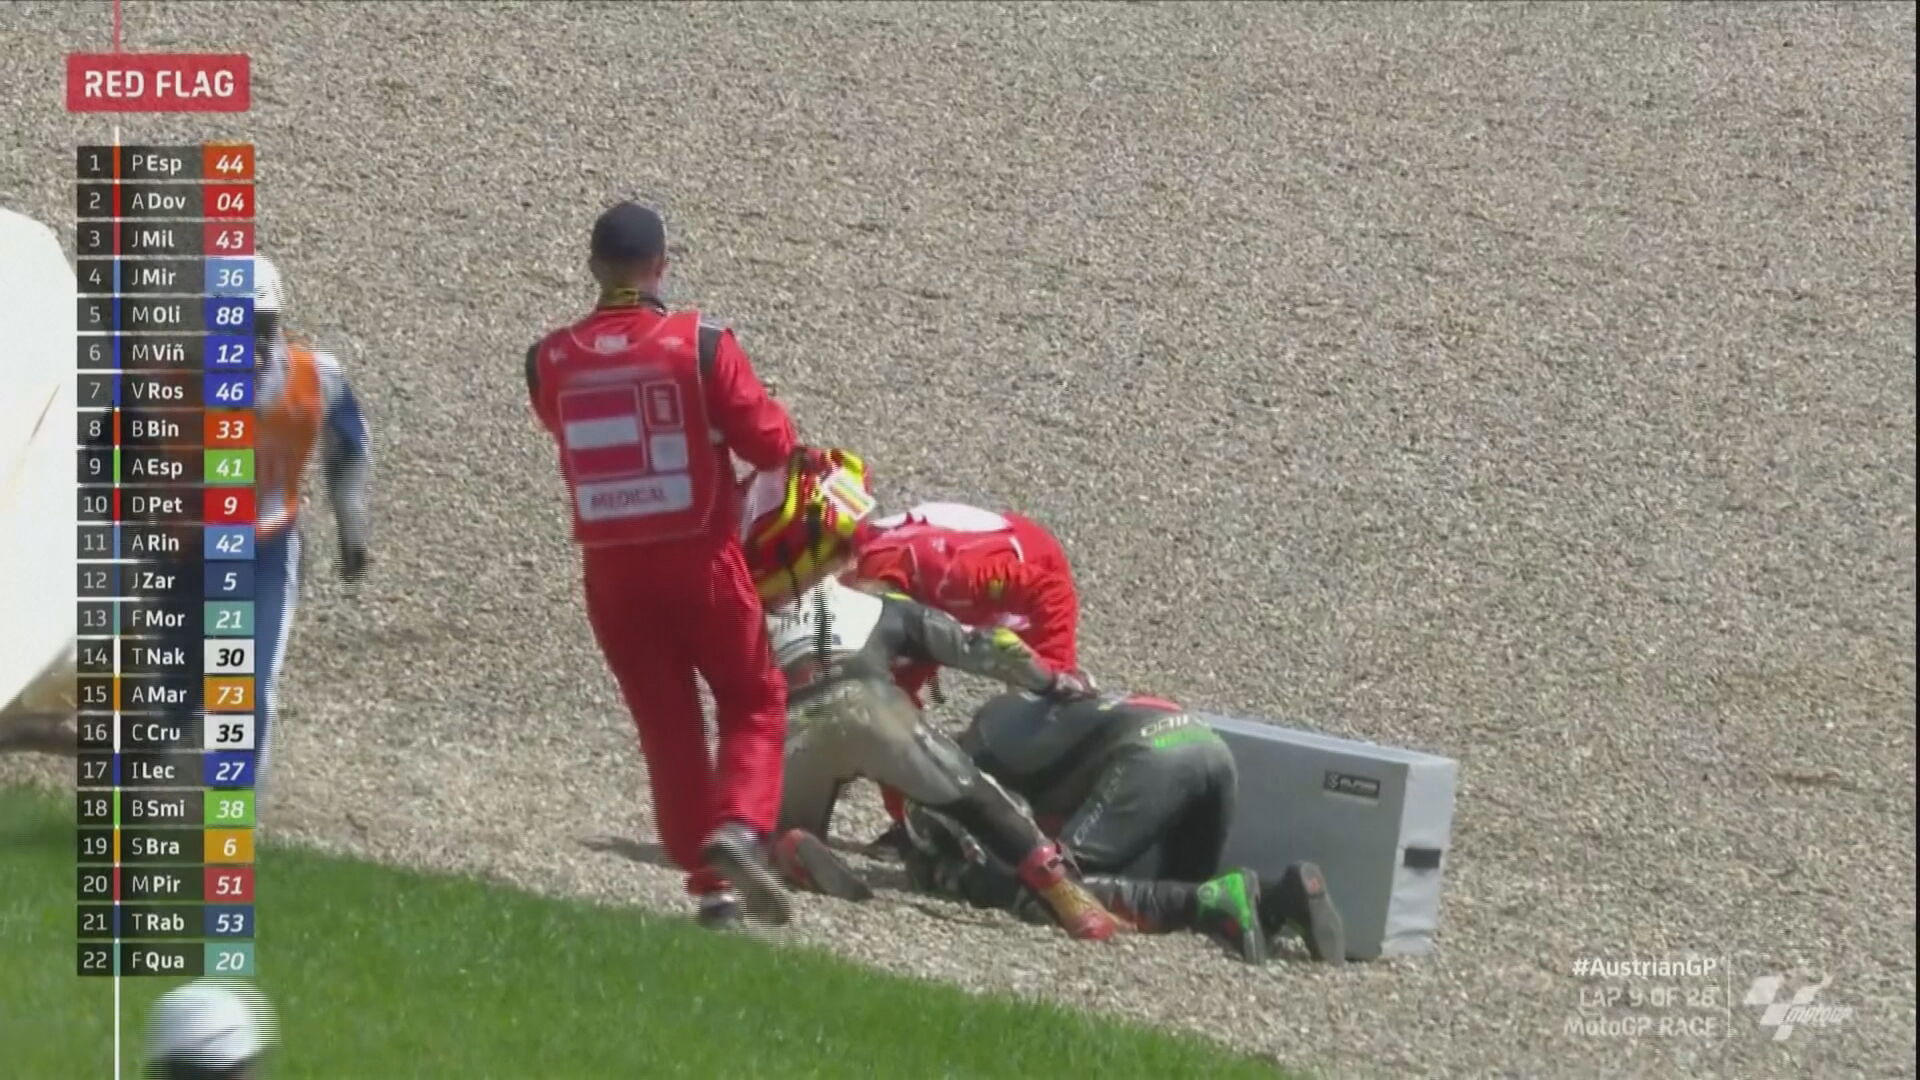 Acidente no GP da Áustria